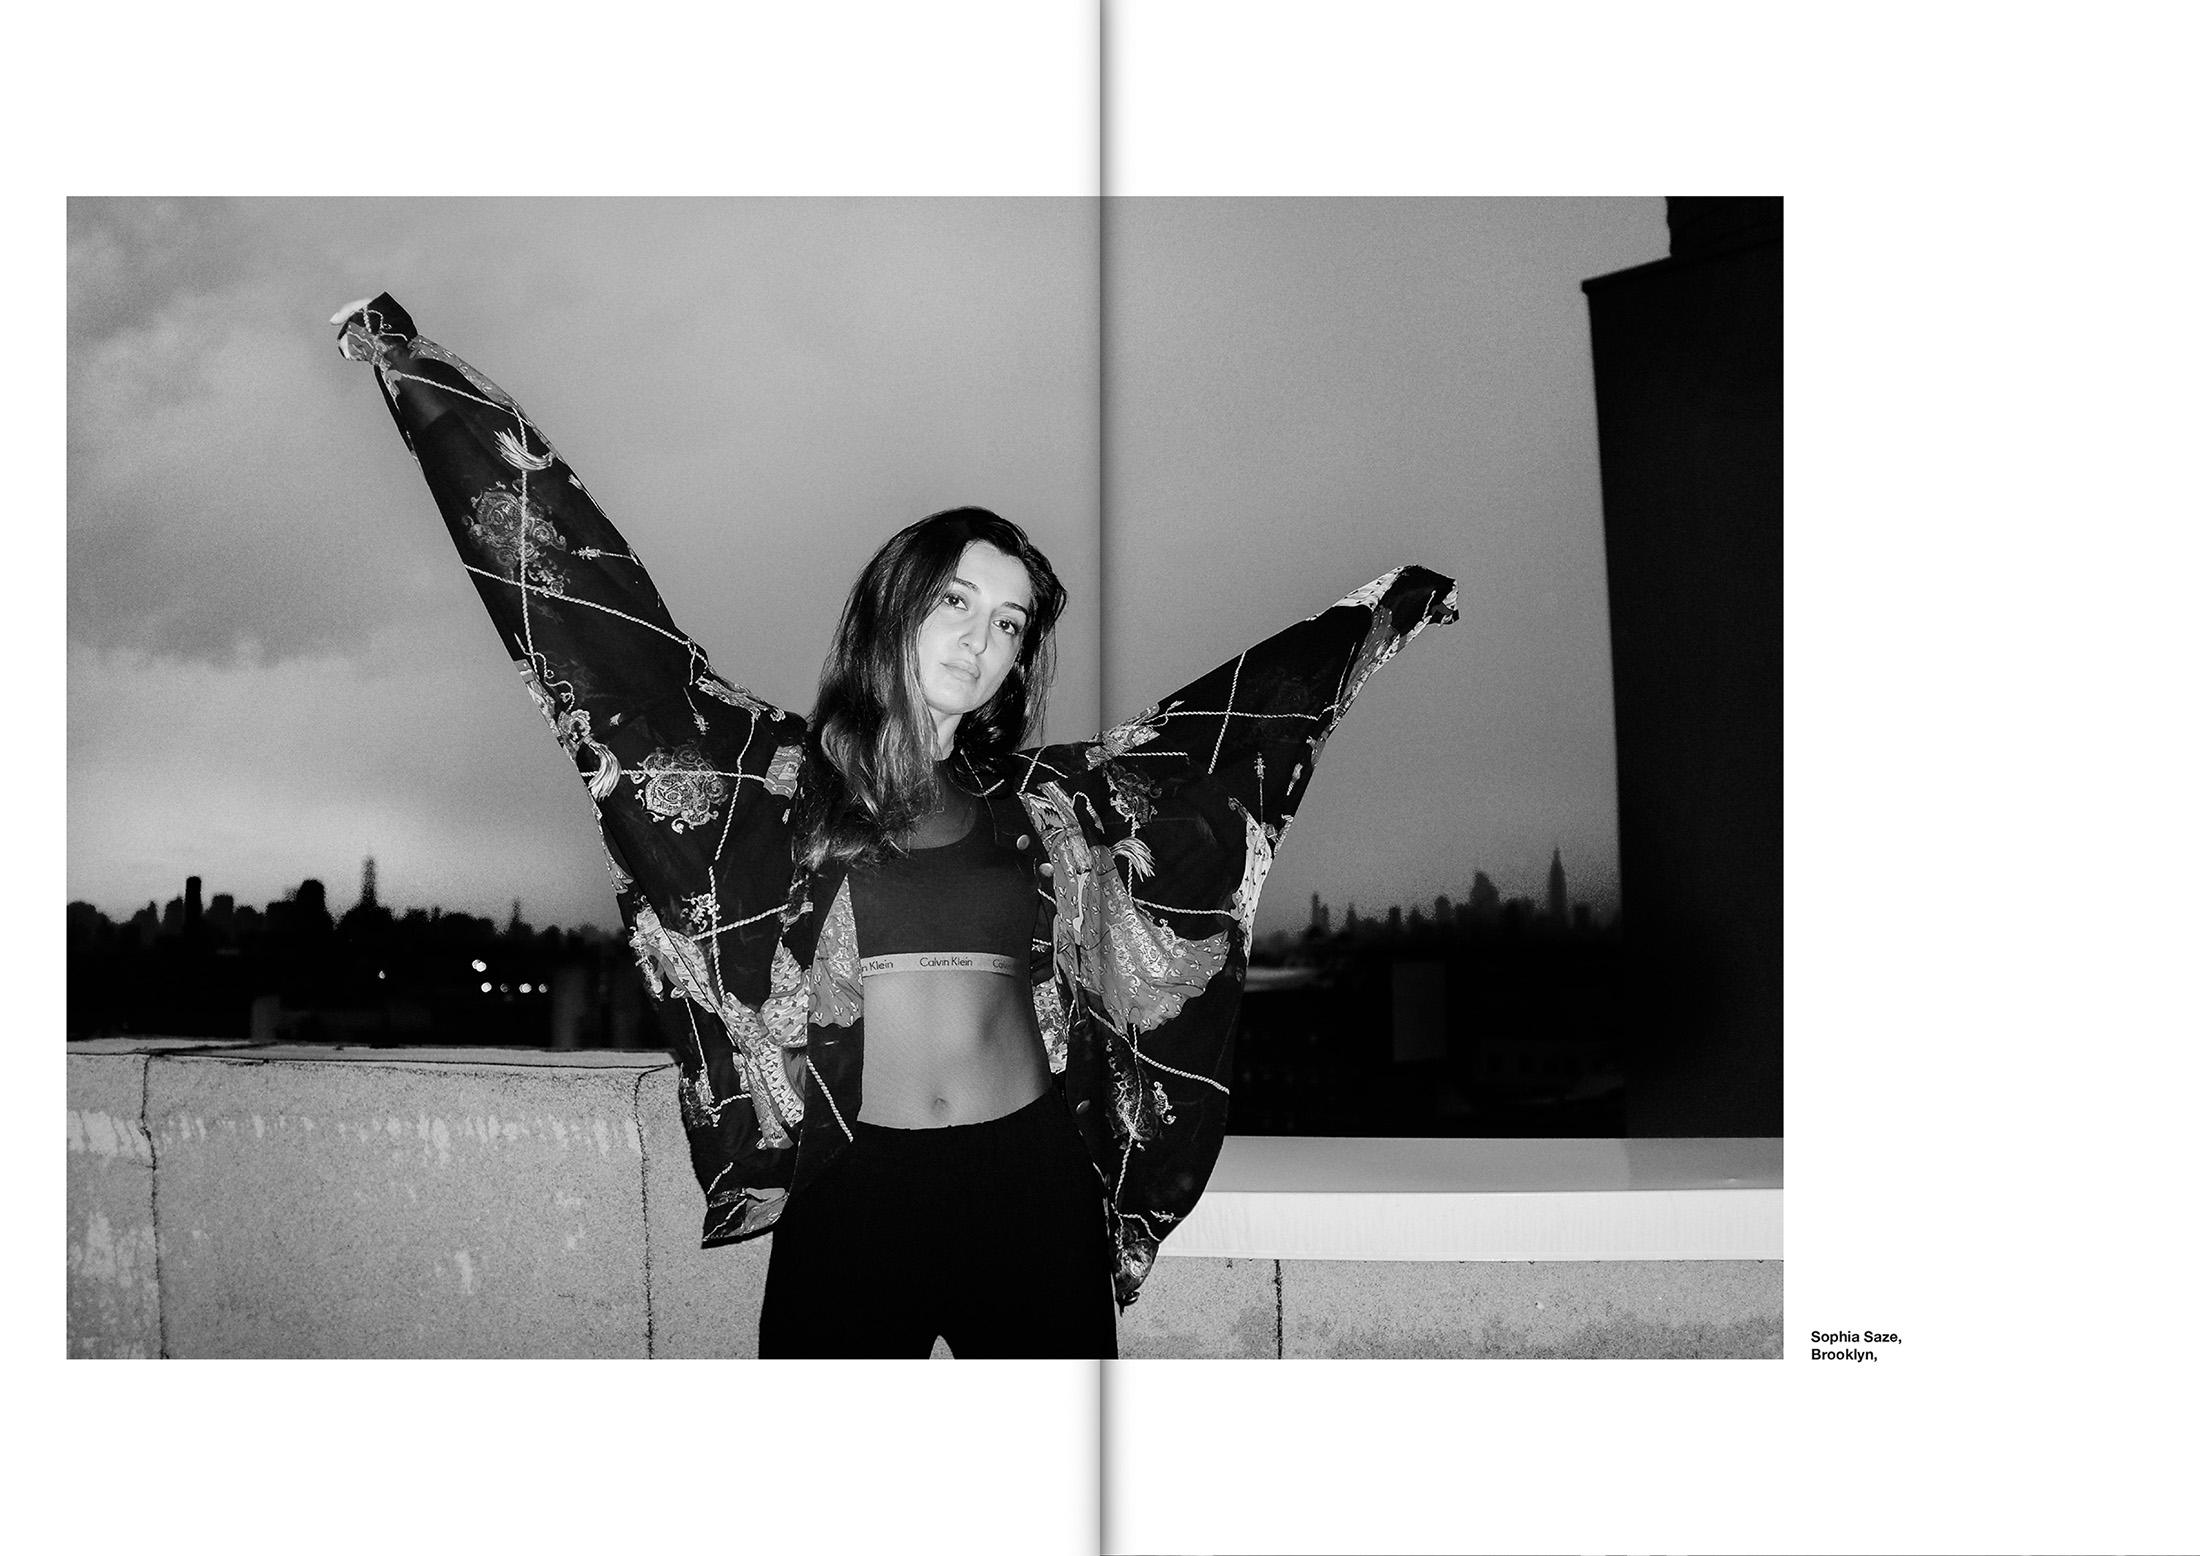 NicoloBernardi-SophiaSaze-Untitled1.jpg